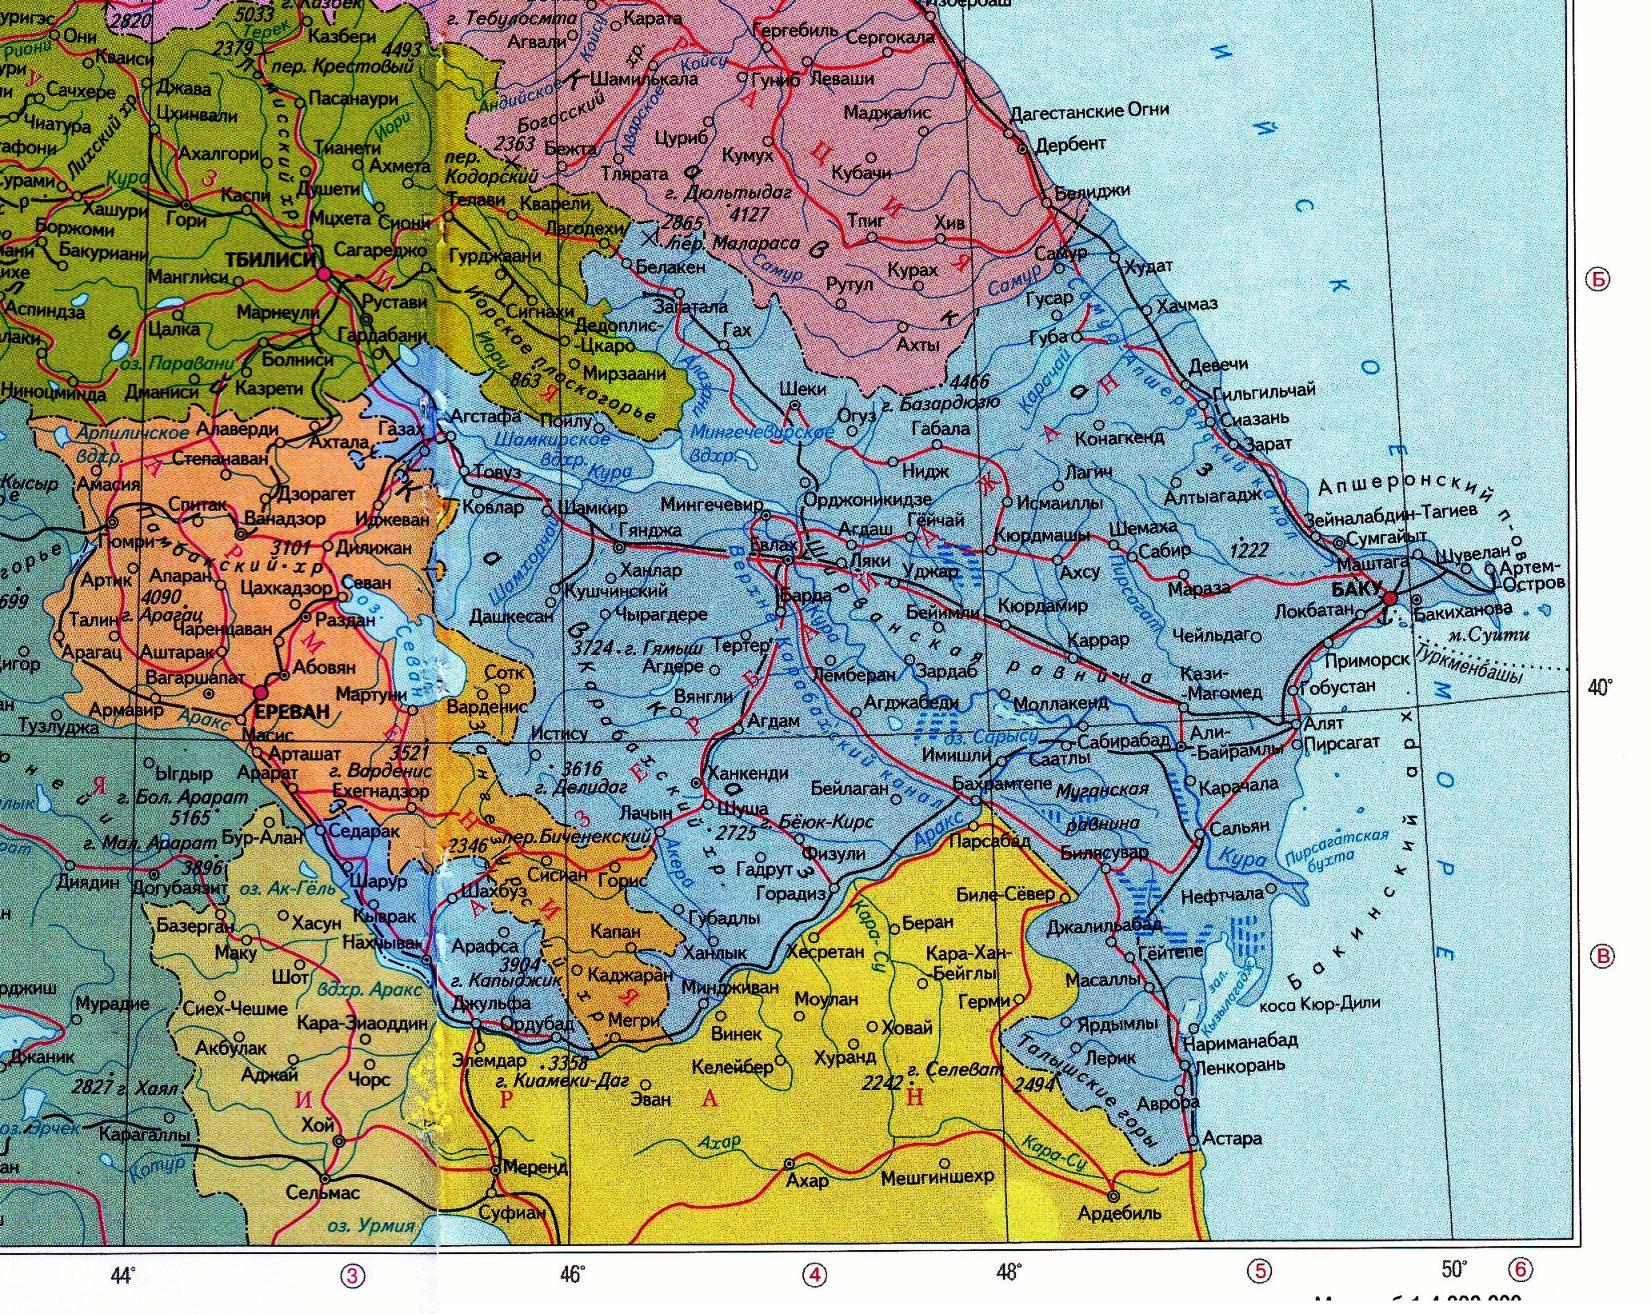 GEO. Азербайджан. Столица, площадь, население, города ... Каспийское Море Карта